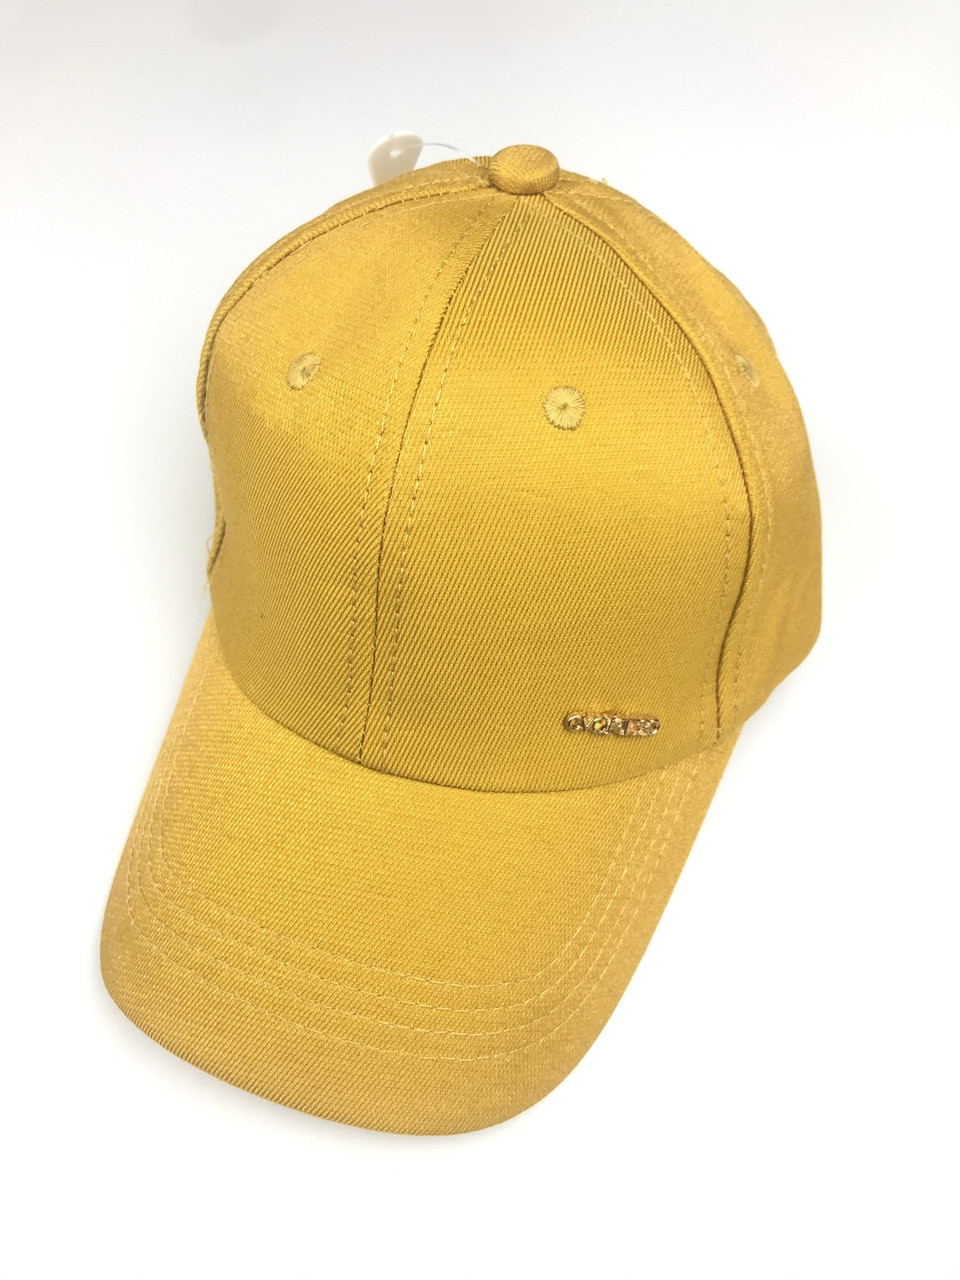 Дитяча кепка для дівчинки 52см